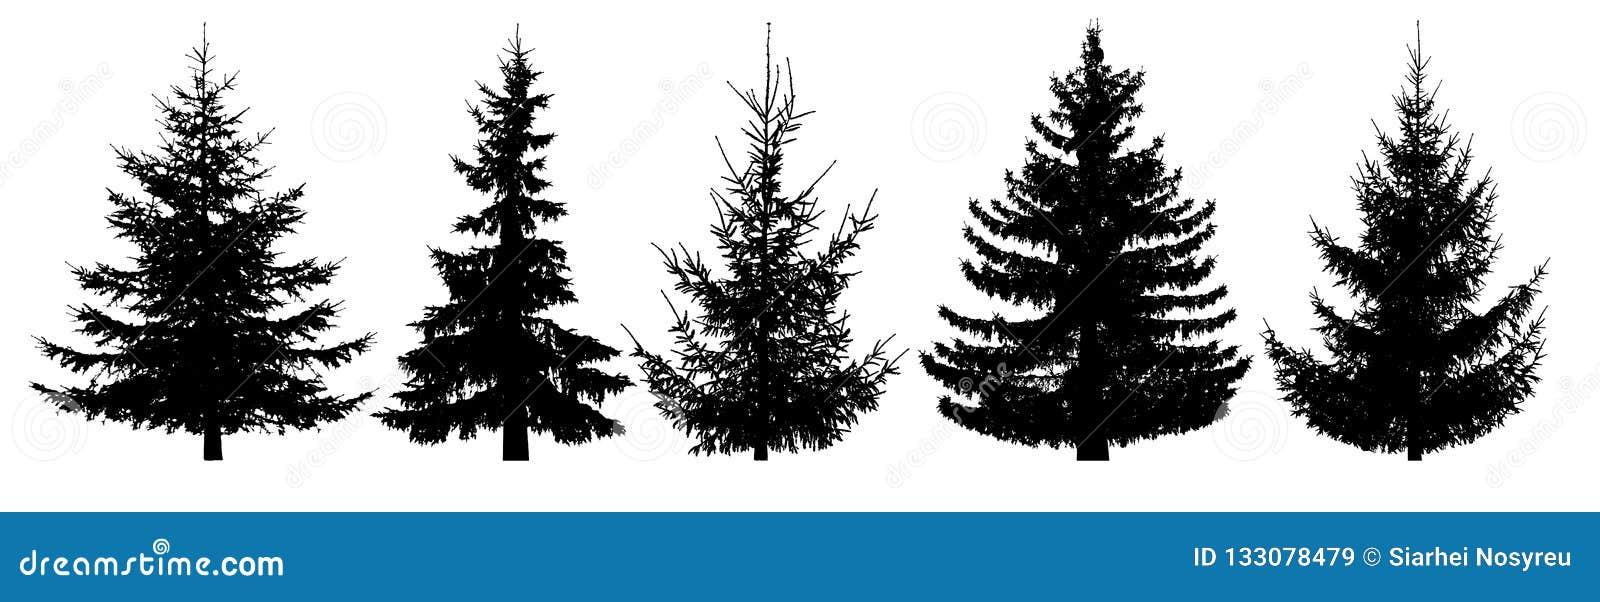 Δασικά δέντρα καθορισμένα Απομονωμένη διανυσματική σκιαγραφία